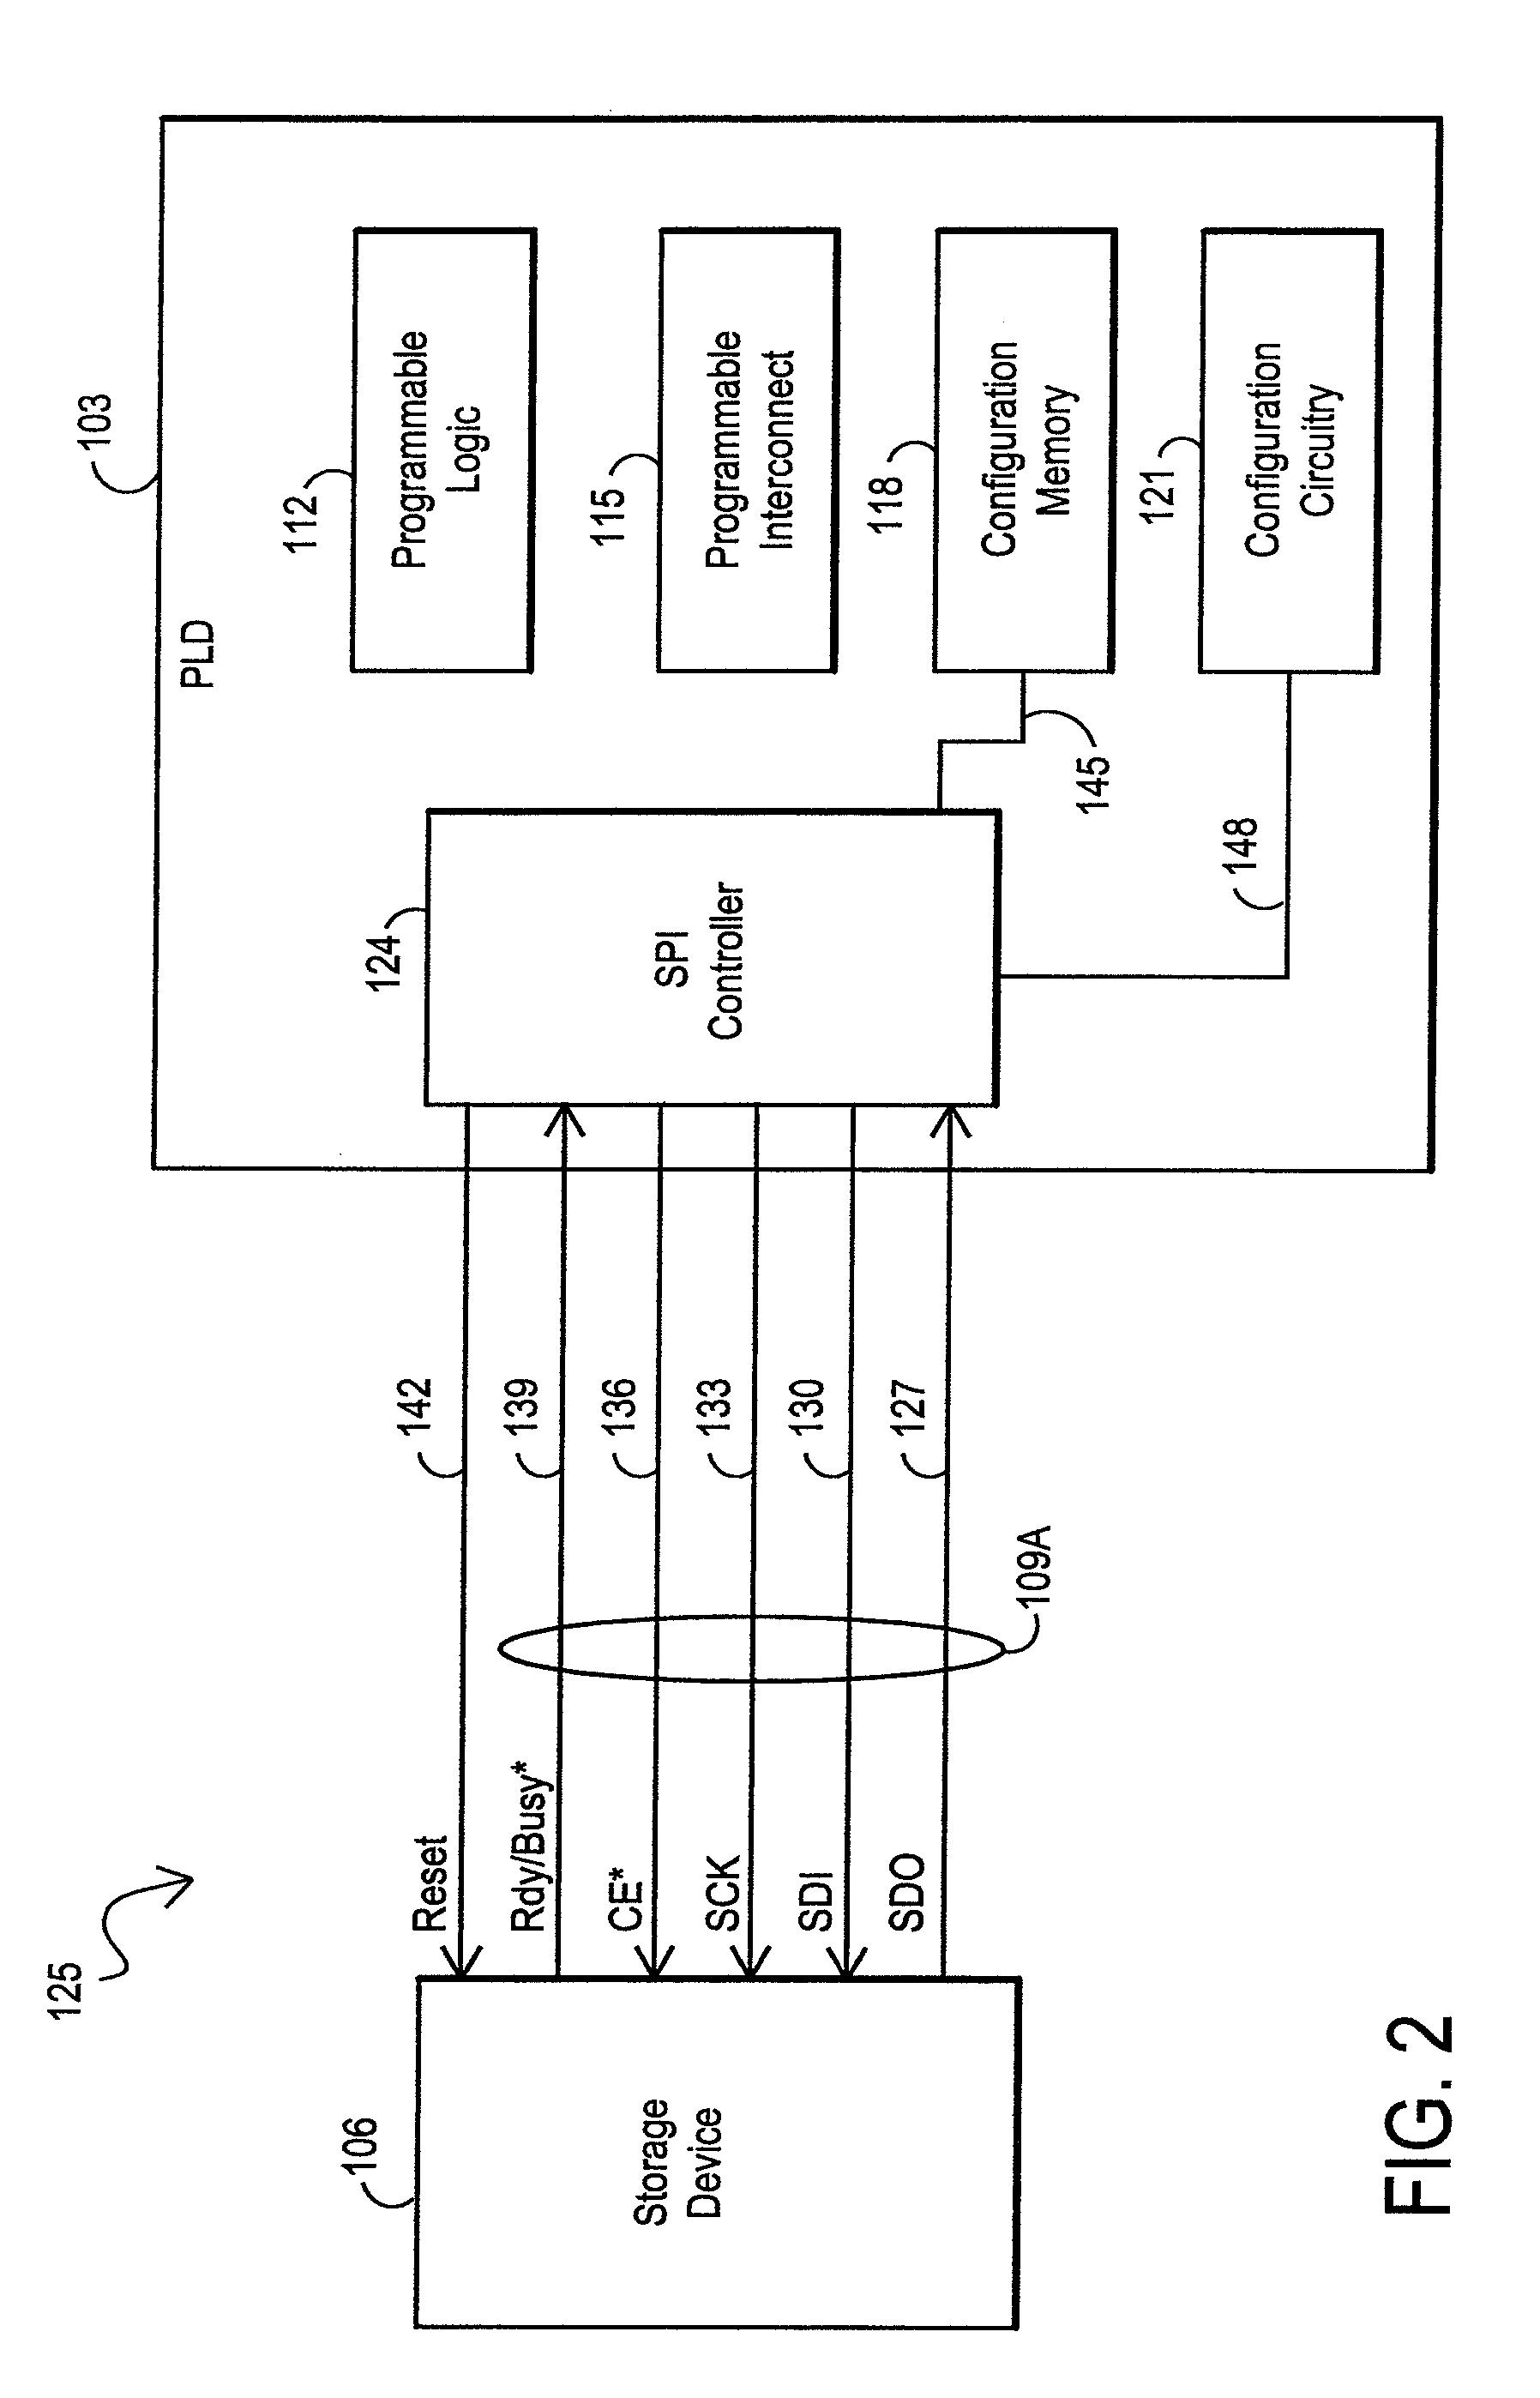 patent us8190787